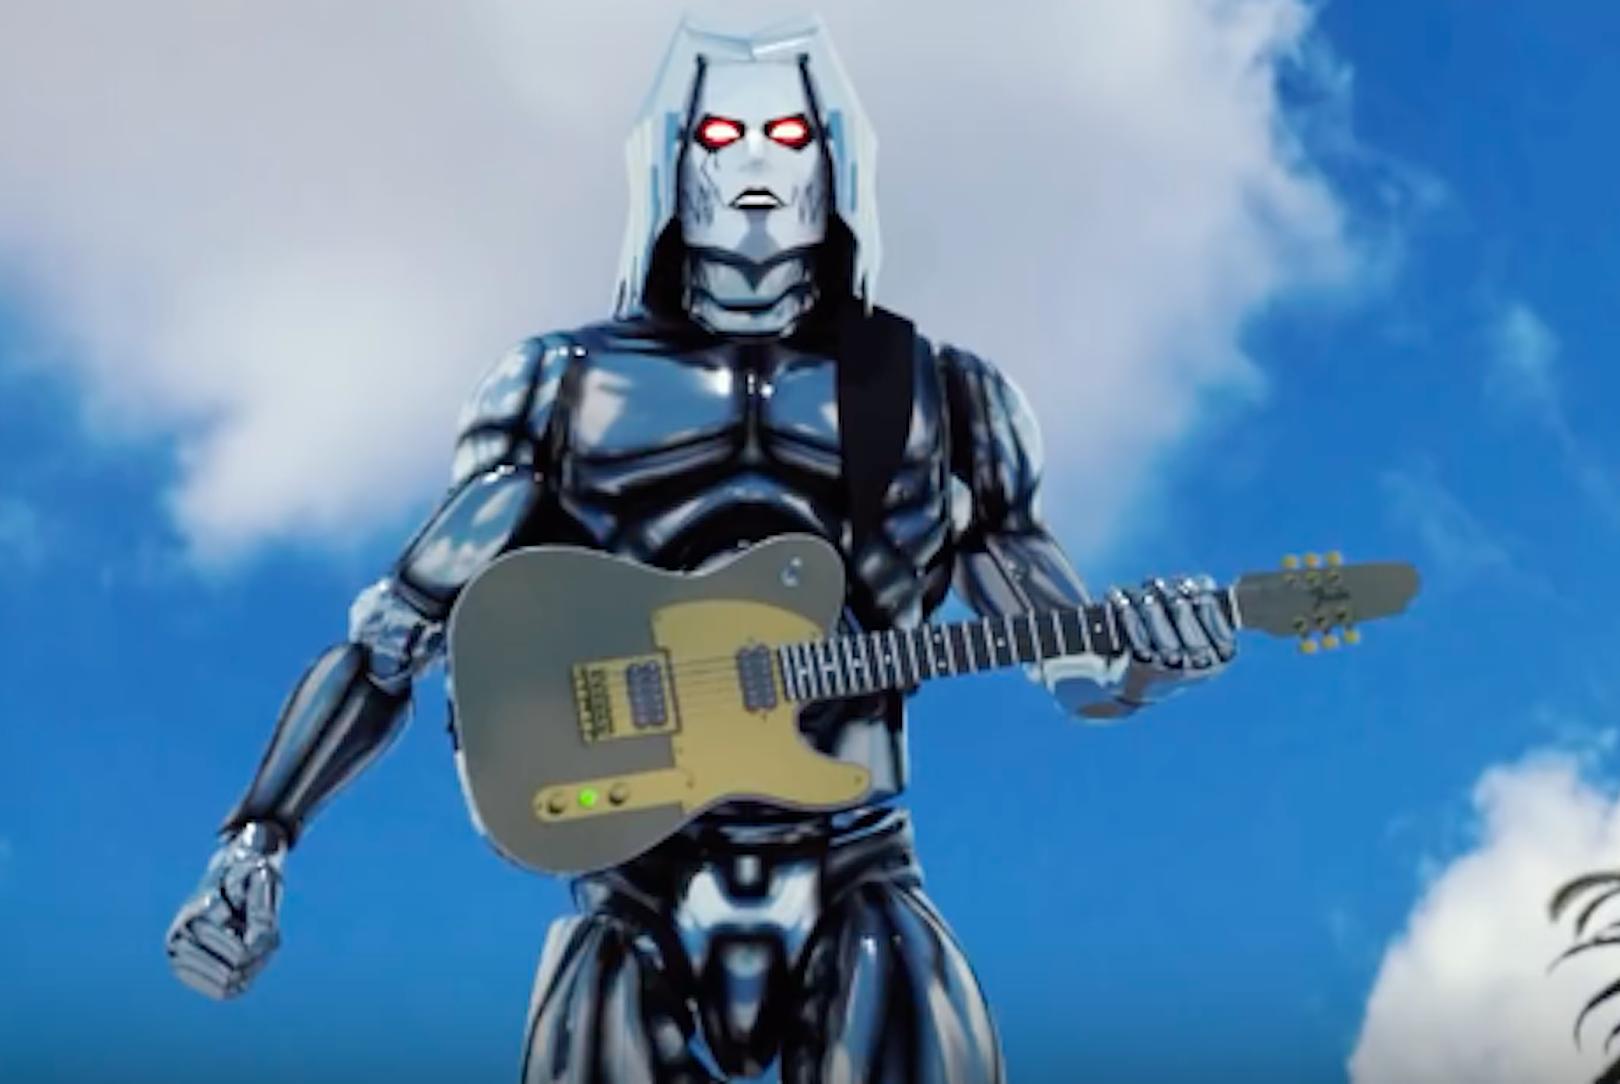 Watch John 5 Wreak Havoc as Giant Robot in New Video